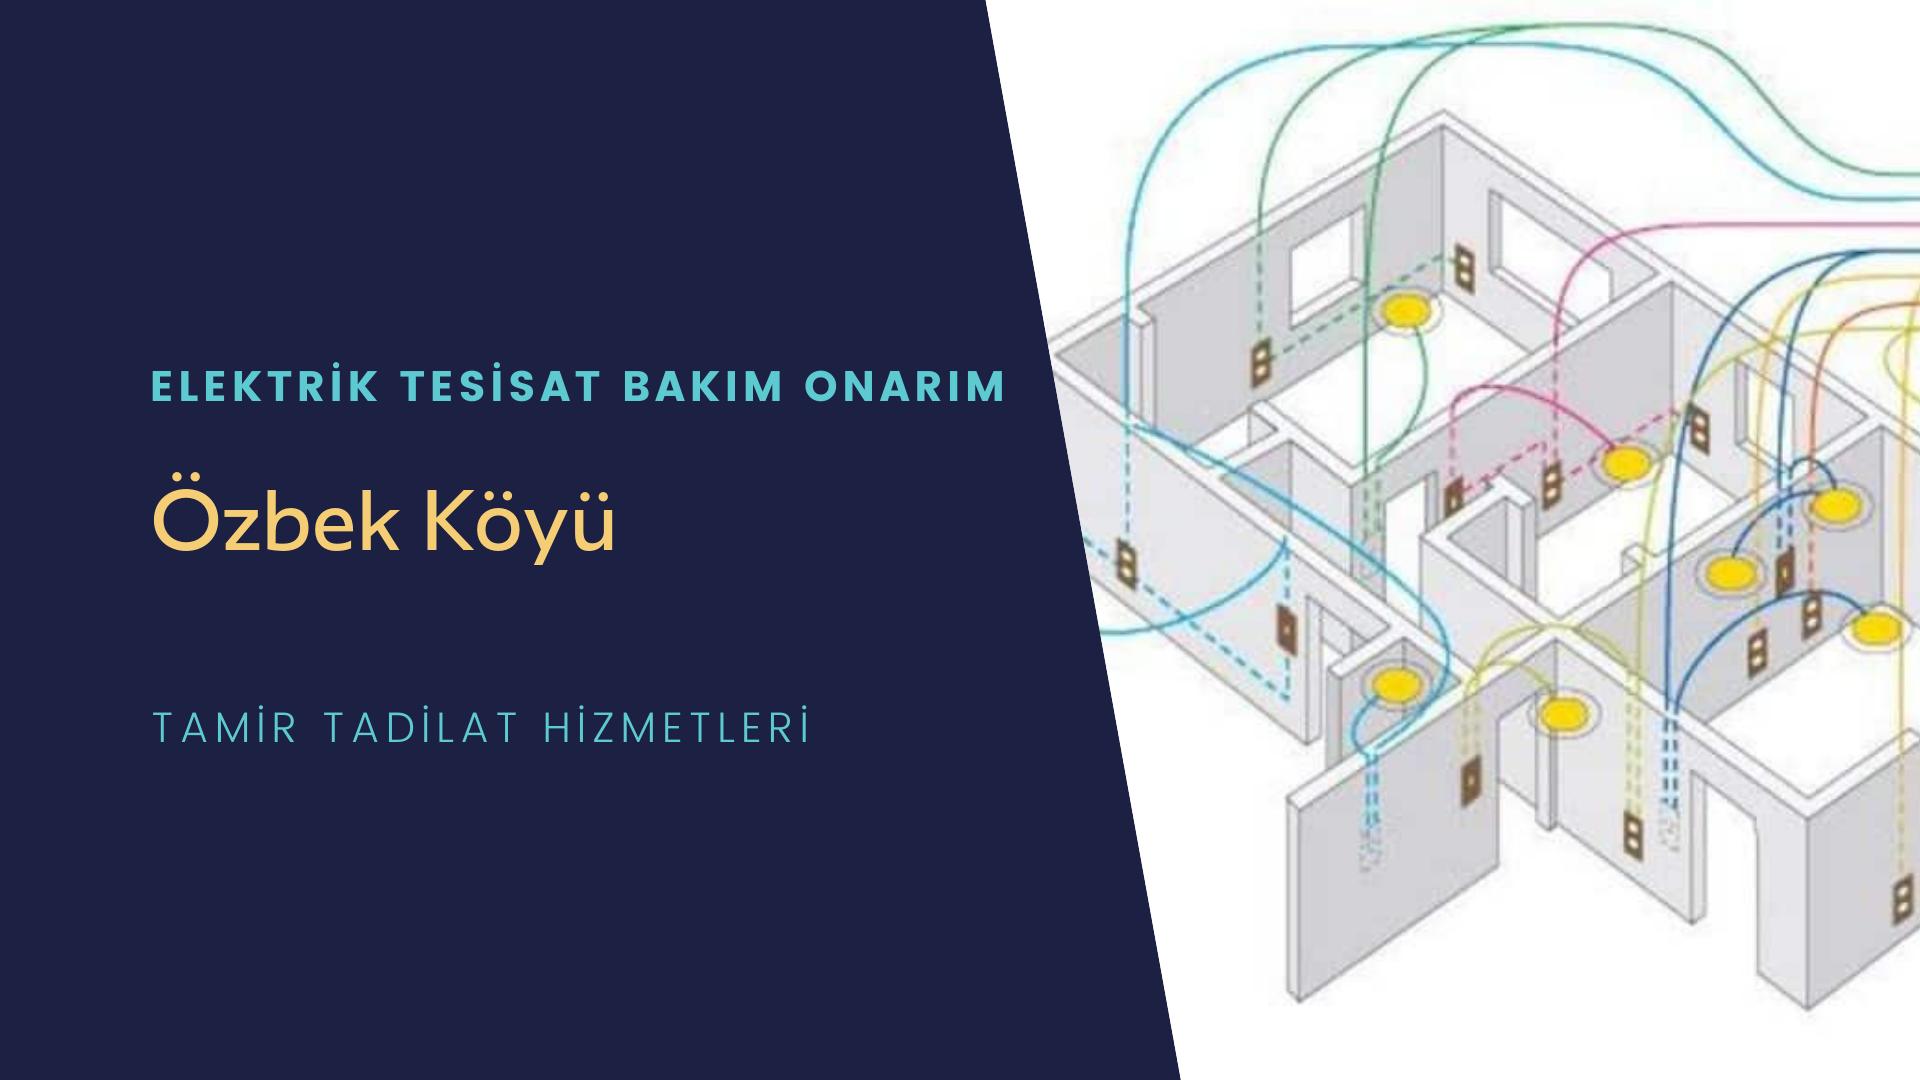 Özbek Köyü  elektrik tesisatıustalarımı arıyorsunuz doğru adrestenizi Özbek Köyü elektrik tesisatı ustalarımız 7/24 sizlere hizmet vermekten mutluluk duyar.